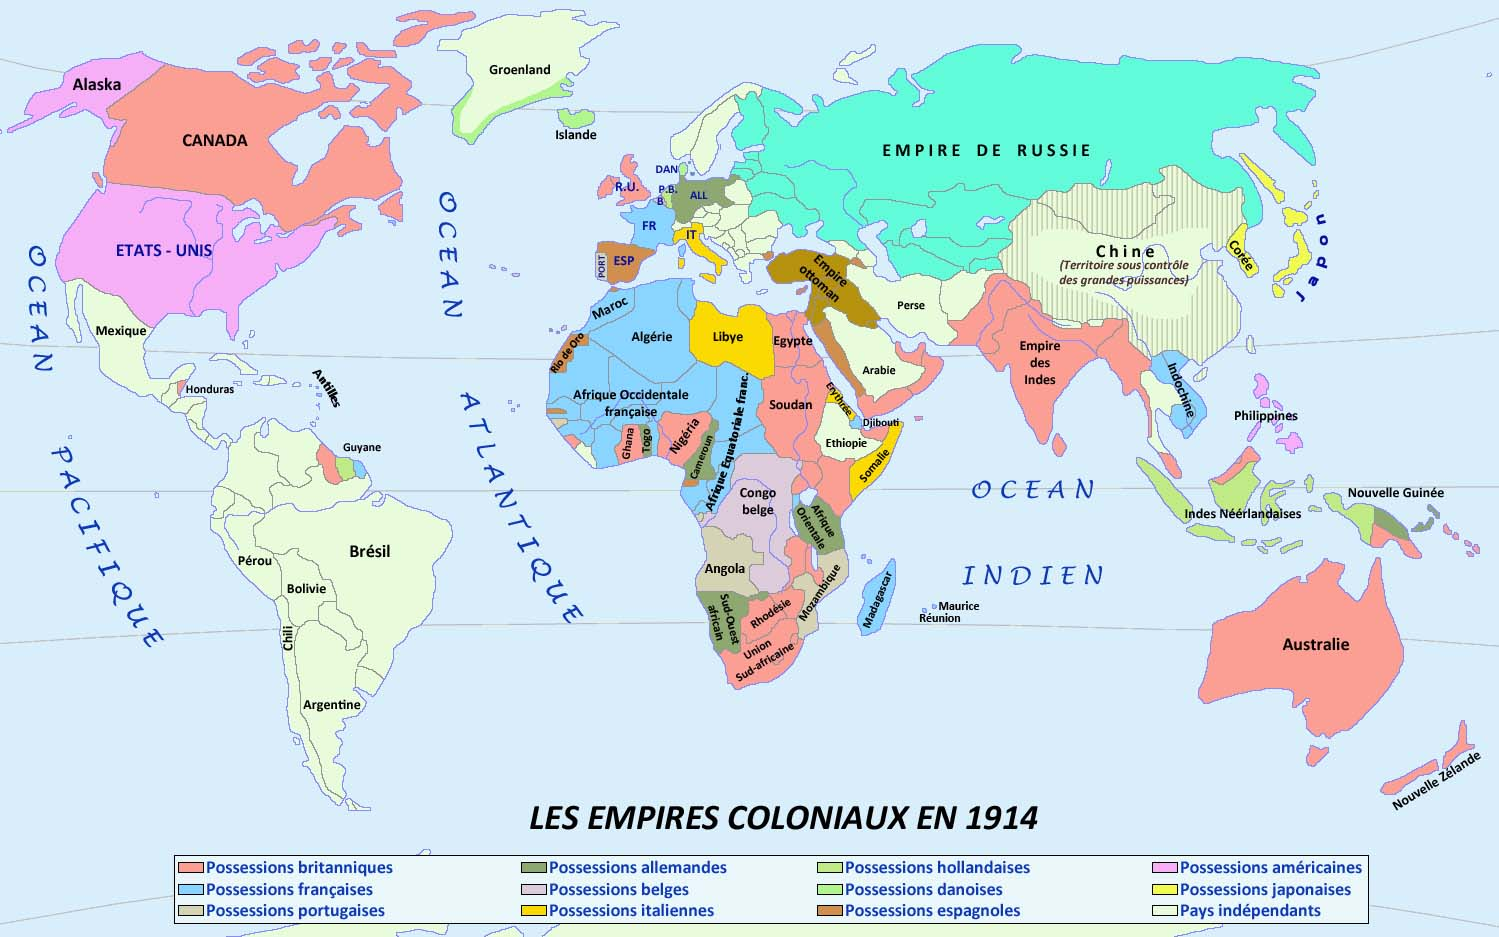 conflictos mundiales actuales 2017 pdf